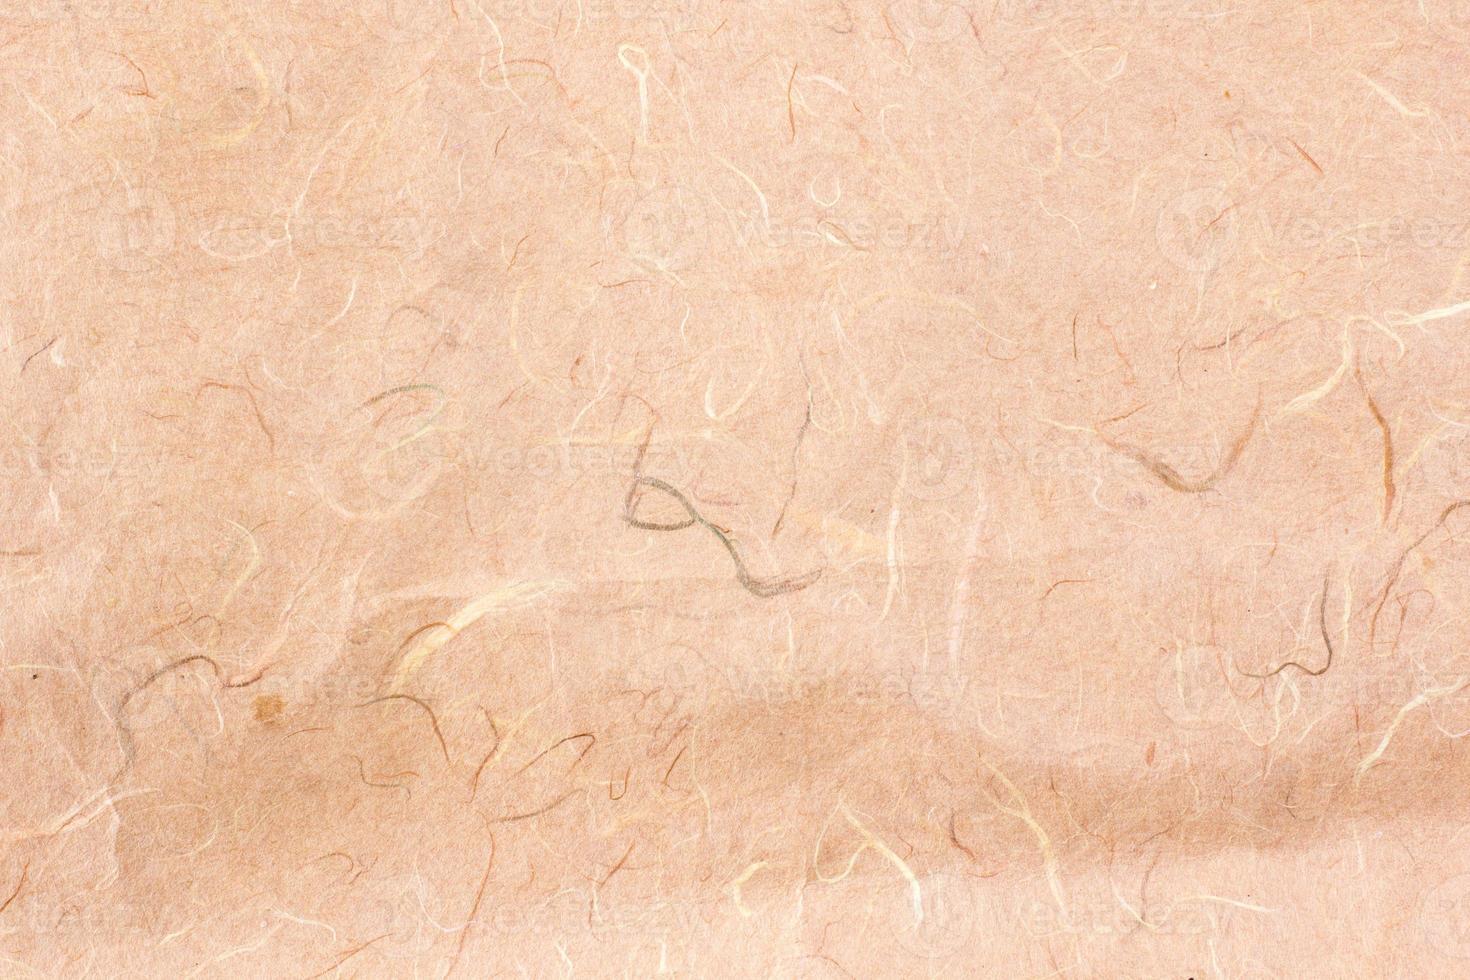 alter Papierhintergrund mit Platz für Text oder Bild foto